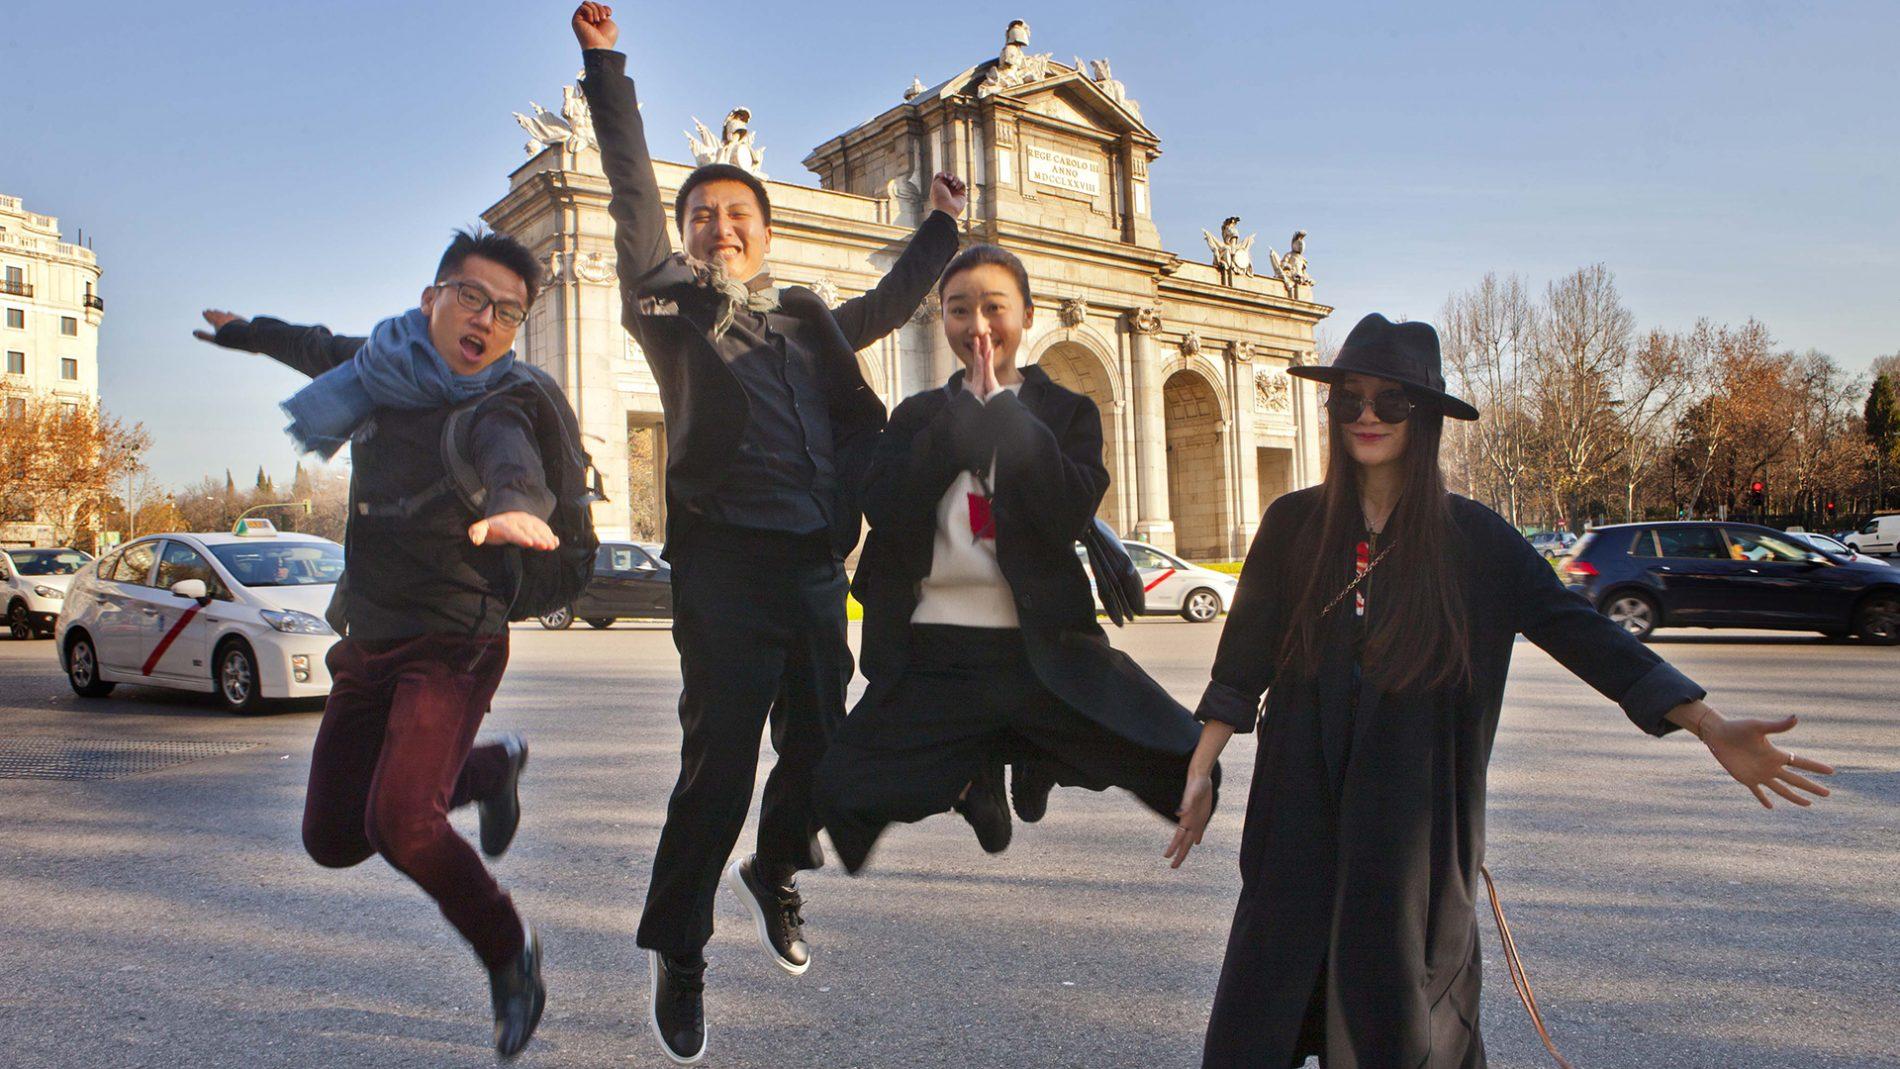 博主M.O.K、张金鹏、Tao Liang、Molly,春节于马德里